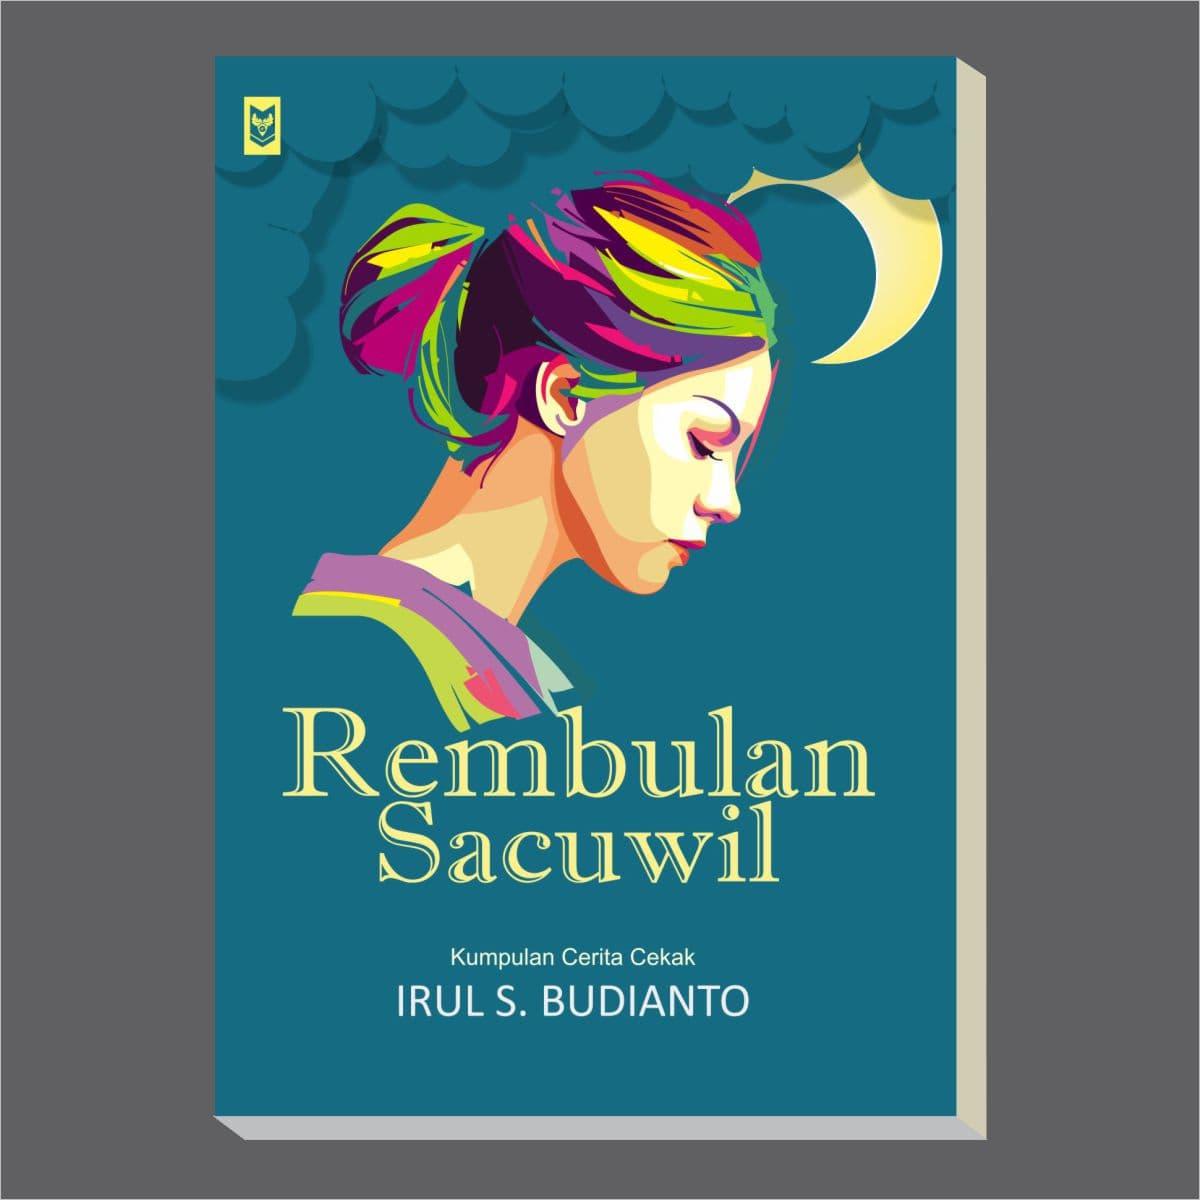 Rembulan Sacuwil: Kumpulan Cerita Cekak - Blanja.com